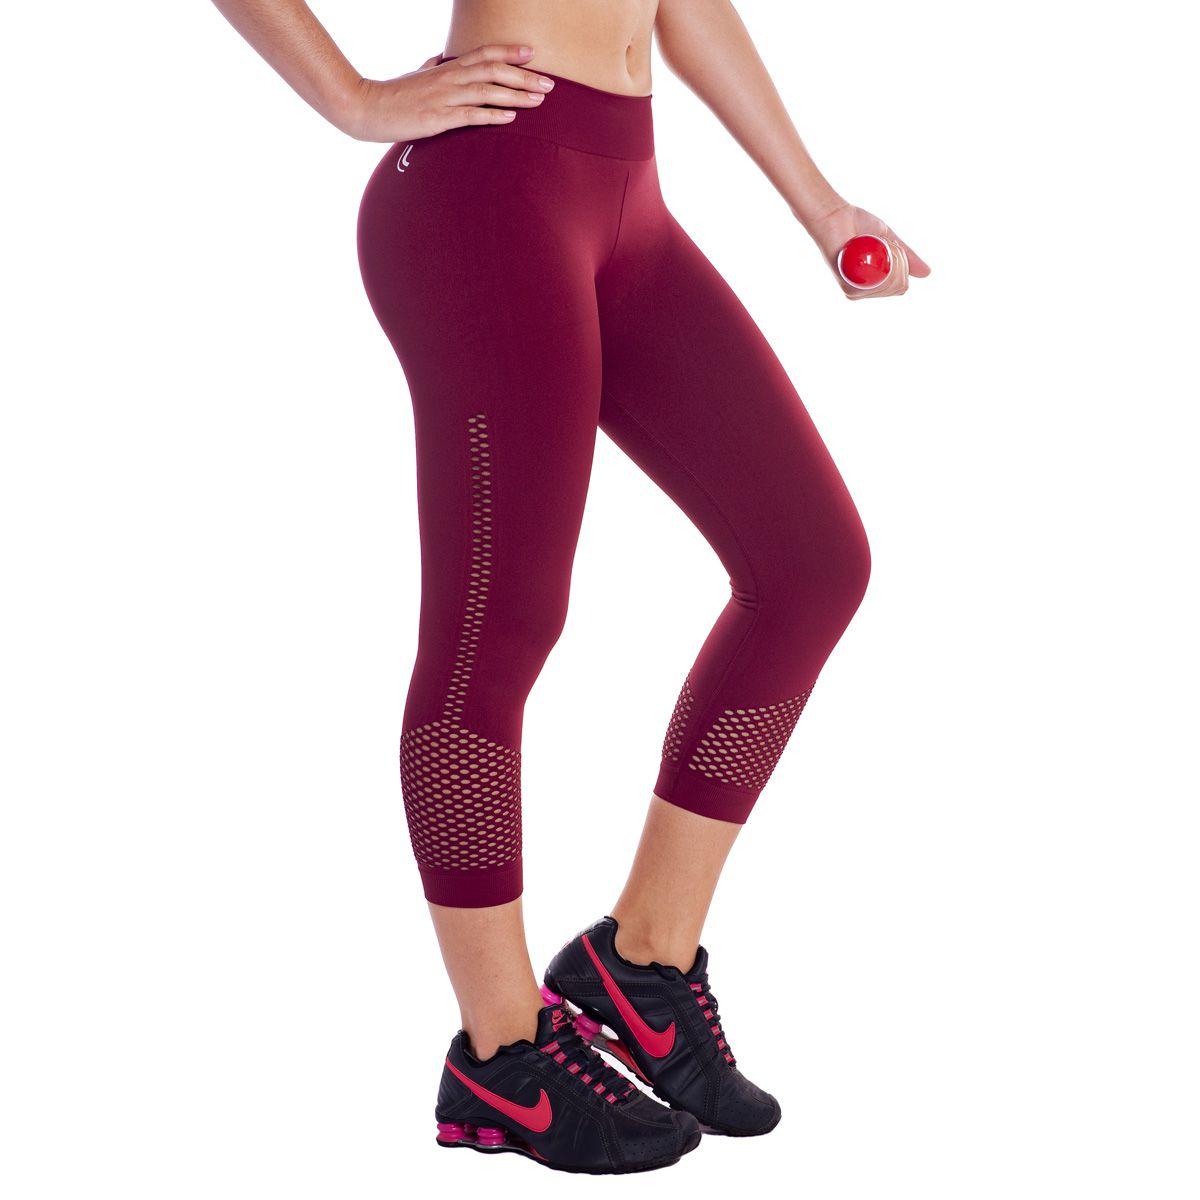 Calça legging capri lupo - Roupa Fitness para Academia e ginástica